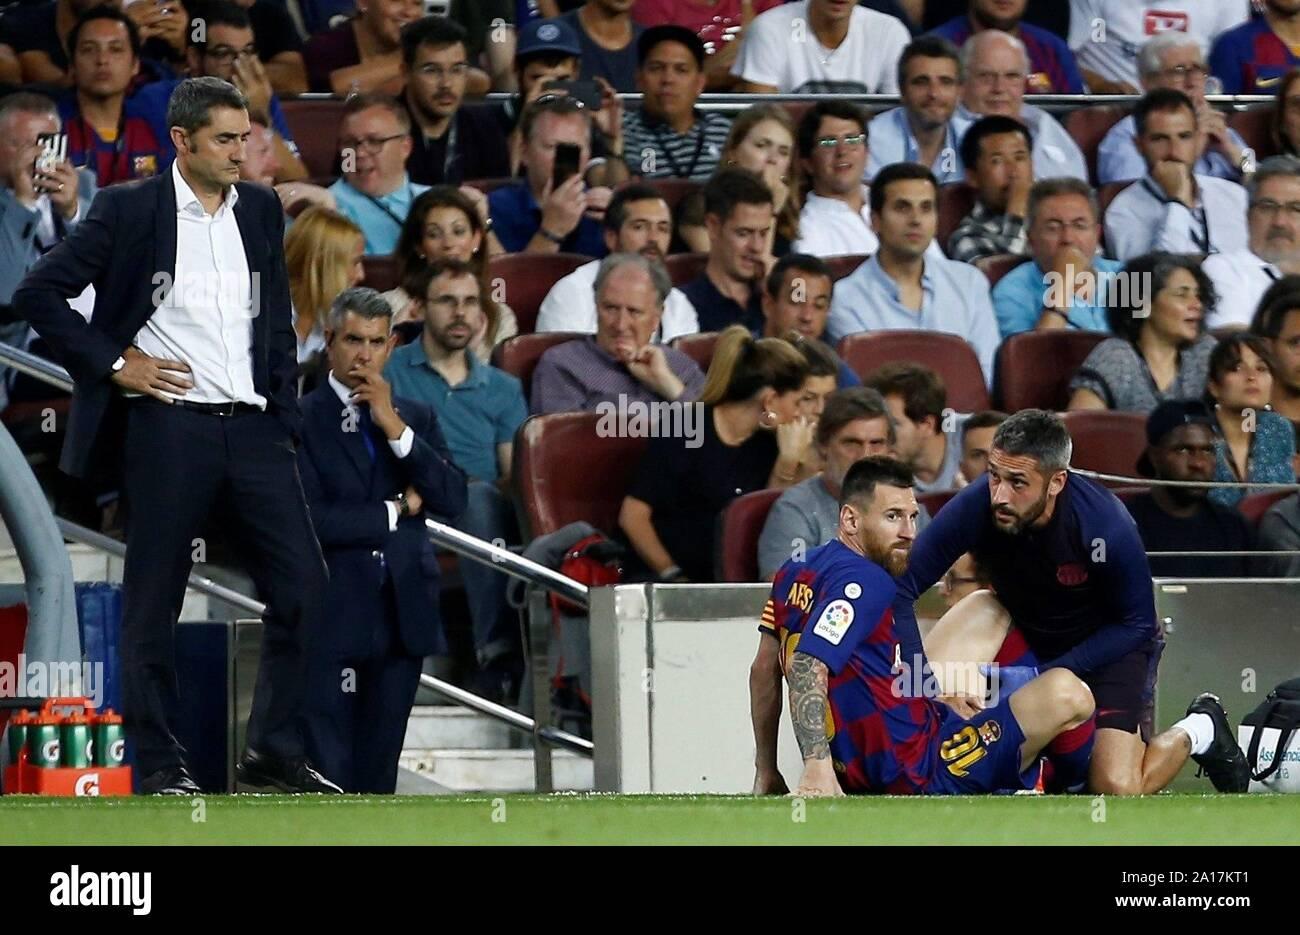 Barcelone, Catalogne, Espagne. Sep 24, 2019. L'avant du FC Barcelona Leo Messi reçoit un traitement médical pendant le match entre l'espagnol LaLiga le FC Barcelone et Villarreal CF au Camp Nou à Barcelone, Catalogne, Espagne, le 24 septembre 2019. L'EFE/ Quique Garcia Banque D'Images